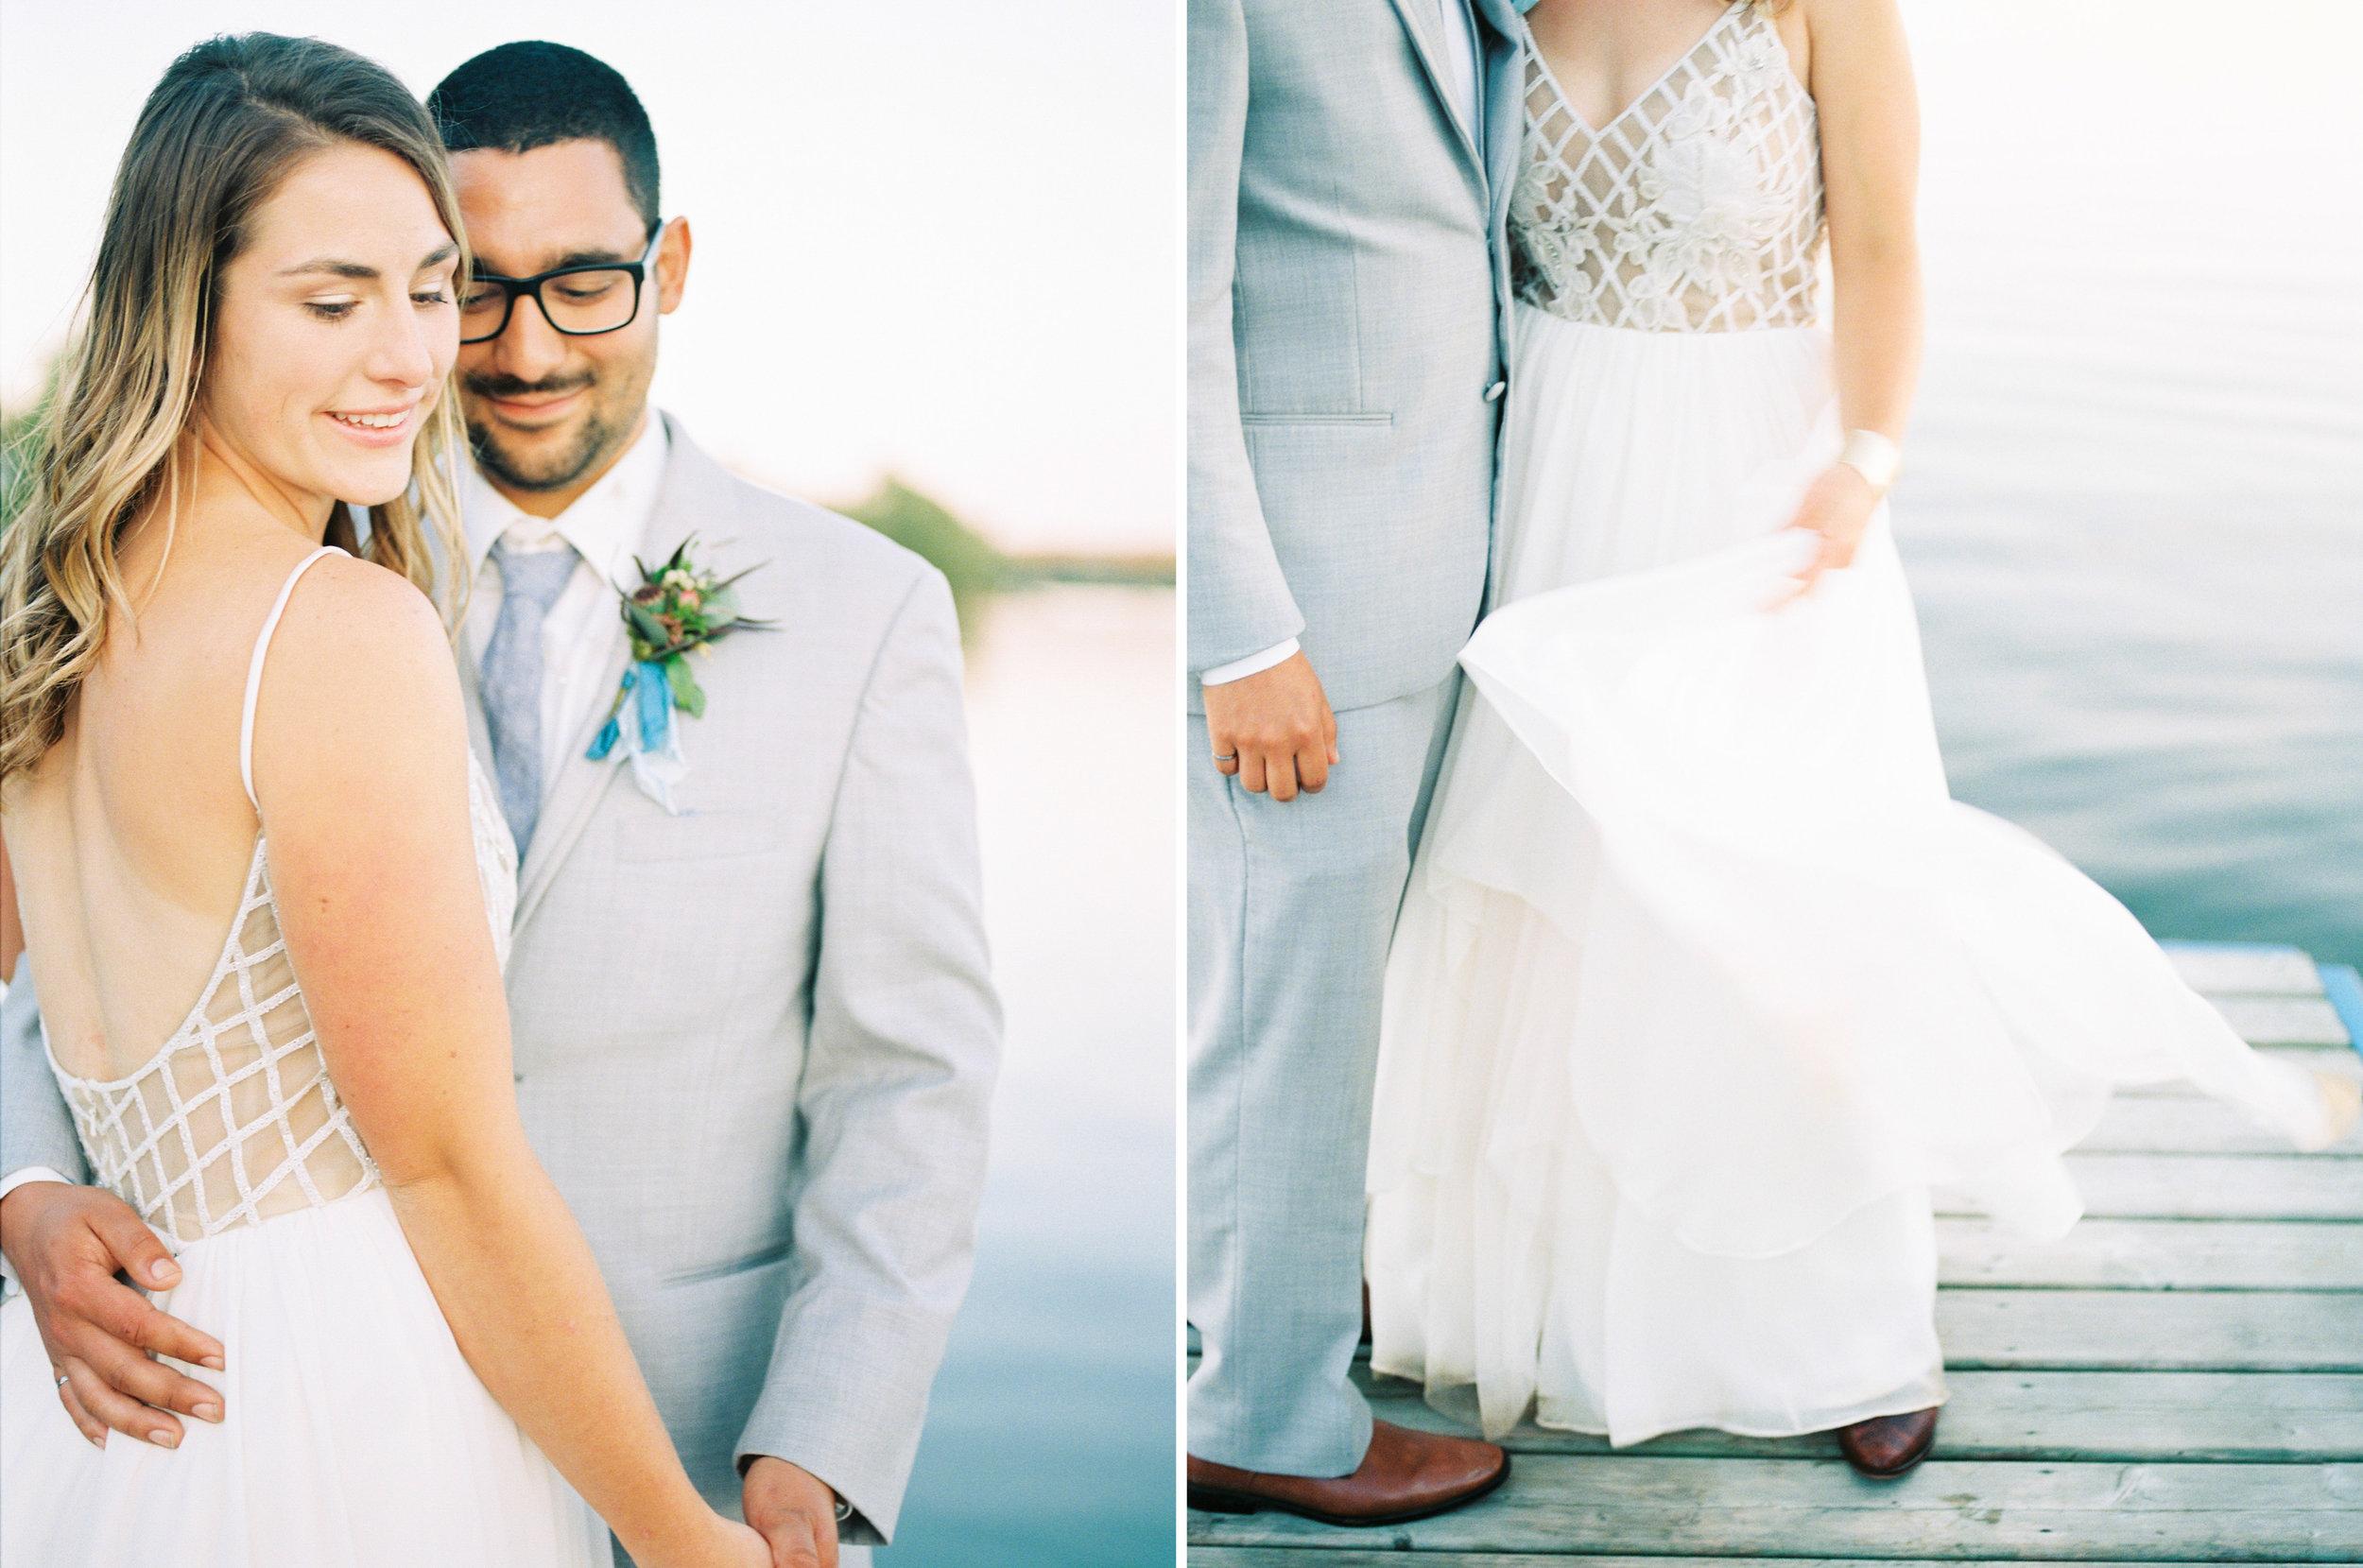 toronto_wedding_photographer_backyard_wedding12.jpg